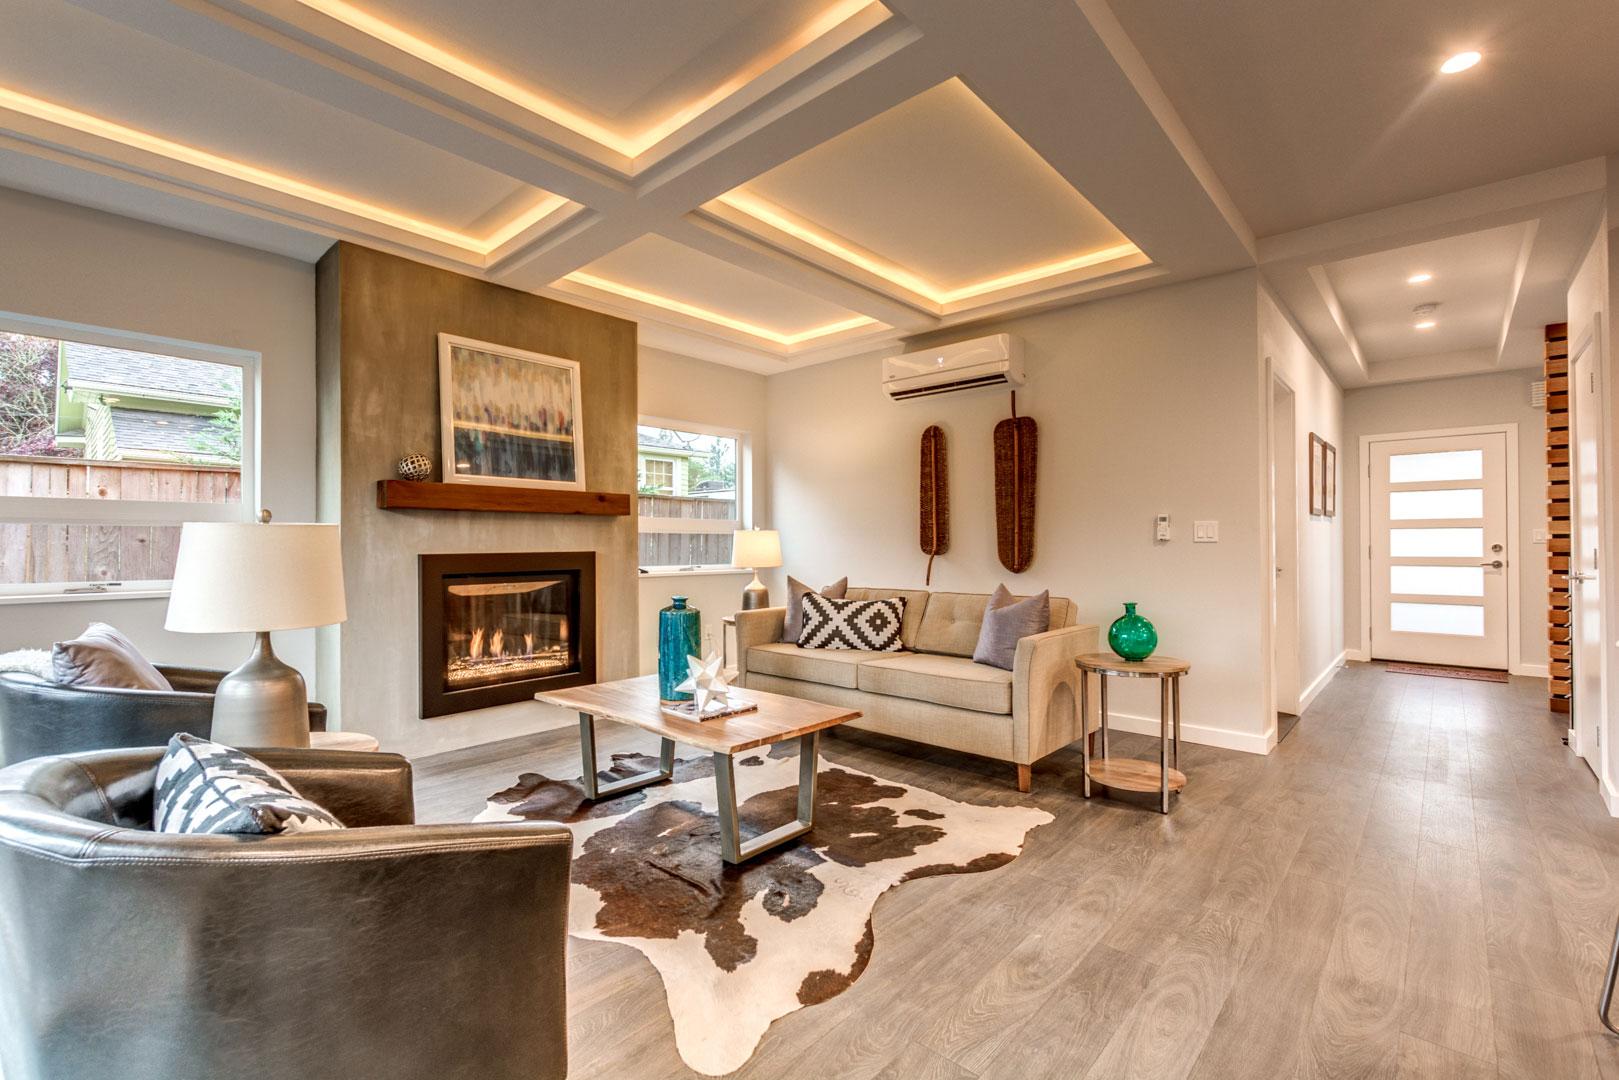 Montavilla Living Room Remodel, Living Room Remodel